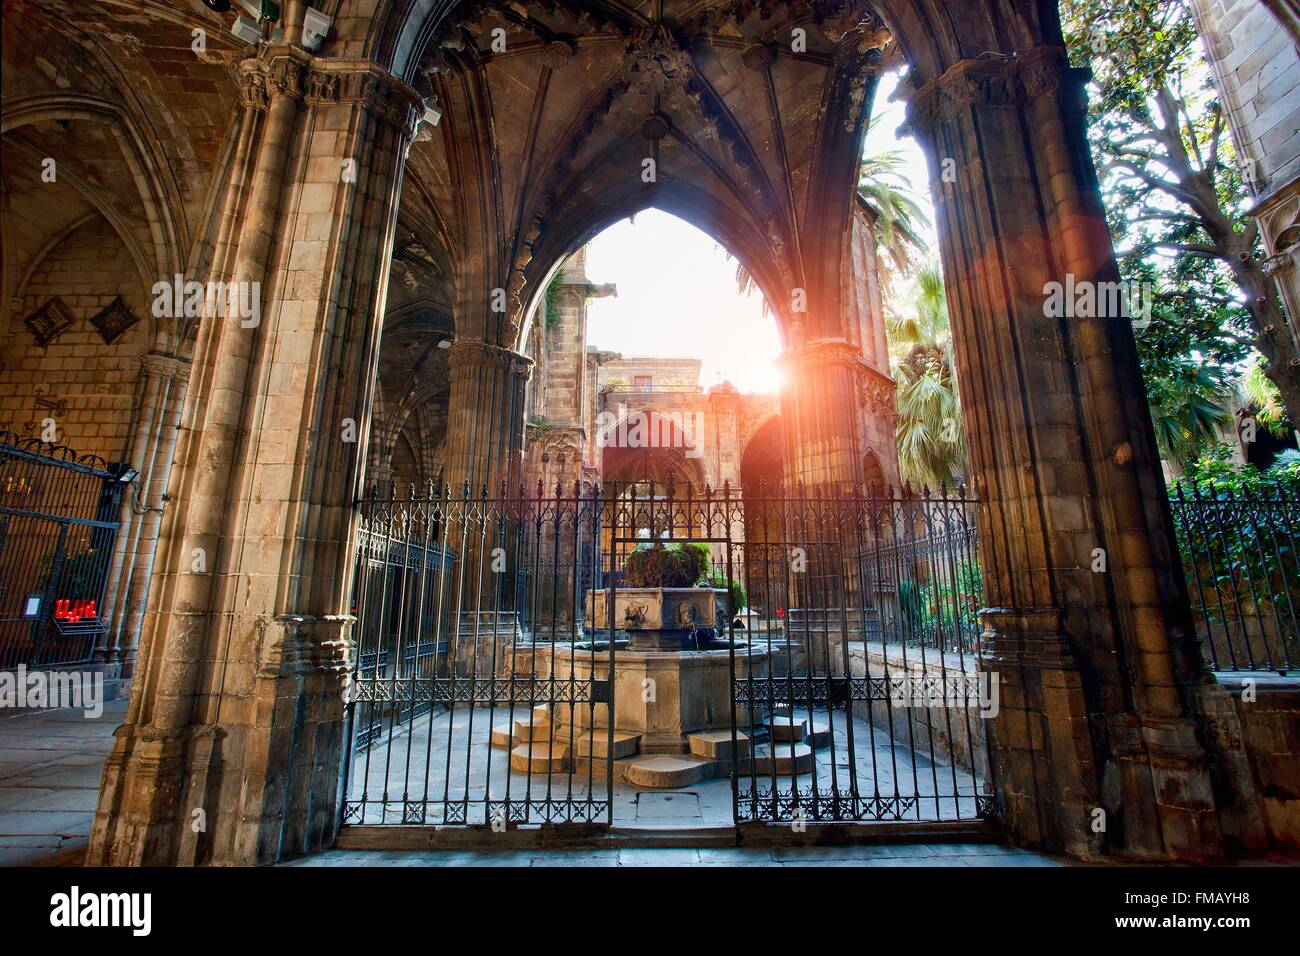 Spanien, Katalonien, Barcelona, der Kathedrale von Barcelona Stockbild